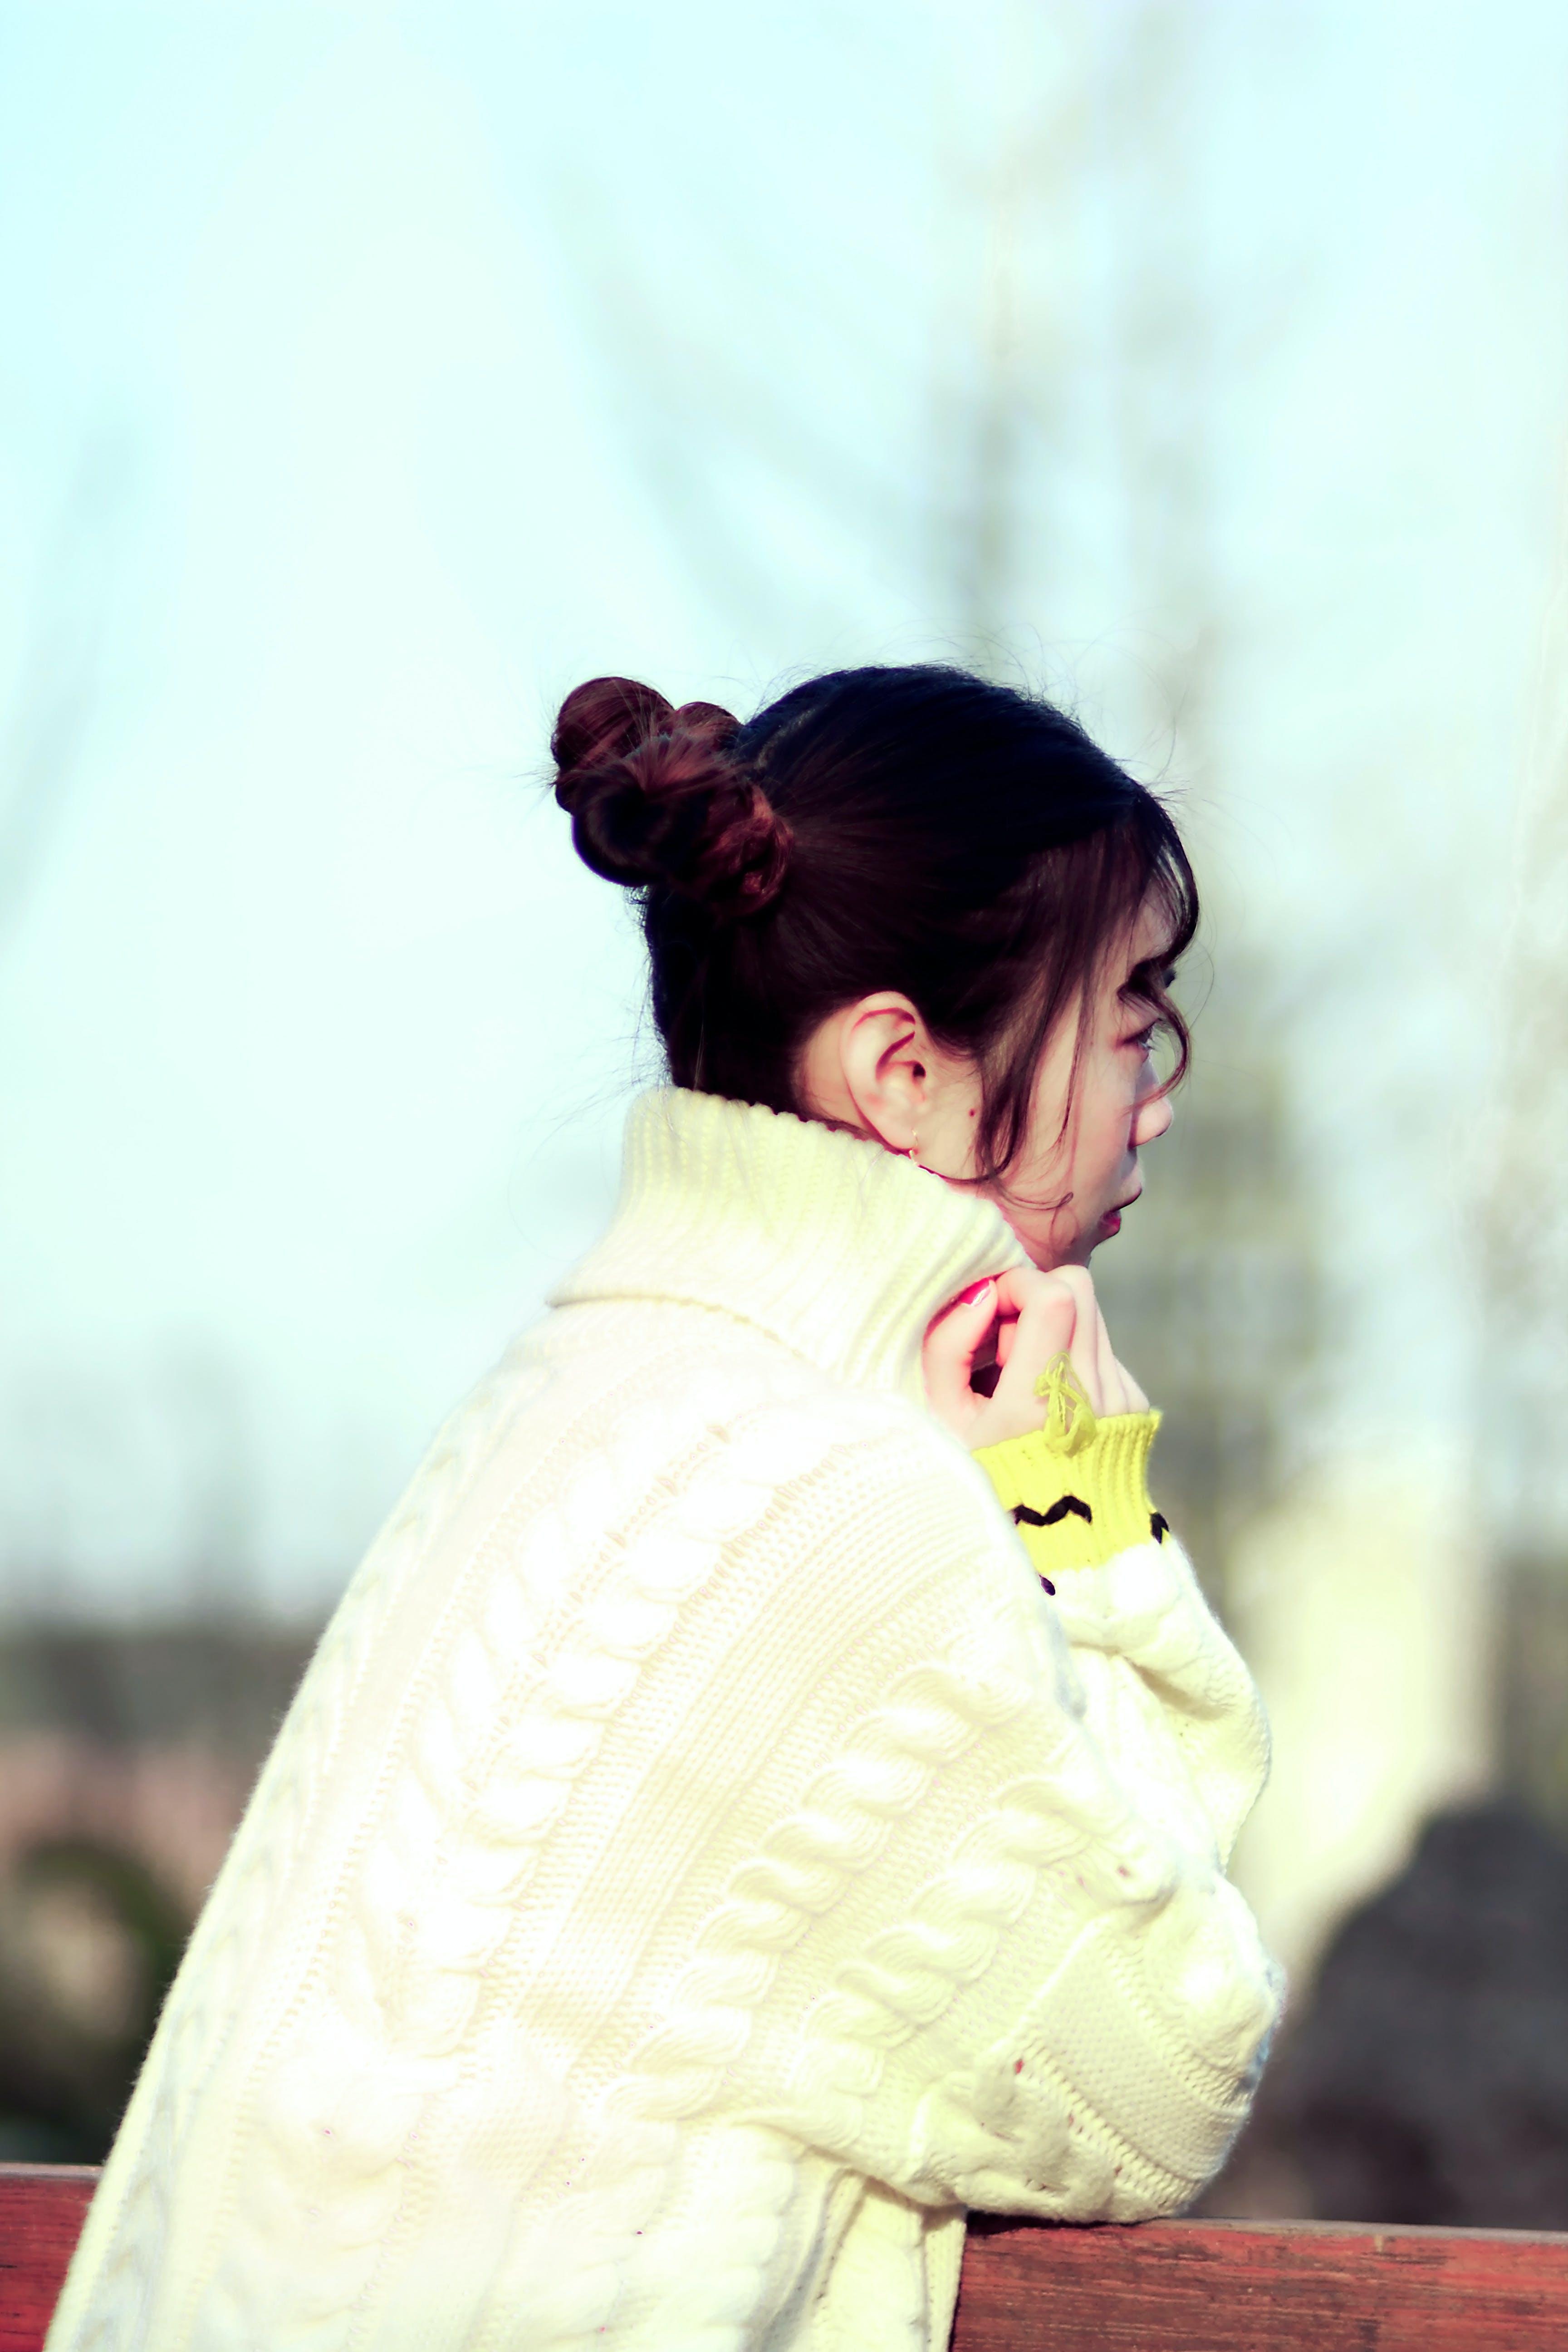 Darmowe zdjęcie z galerii z azjatycki, dziewczyna, kręcone włosy, patrzyć